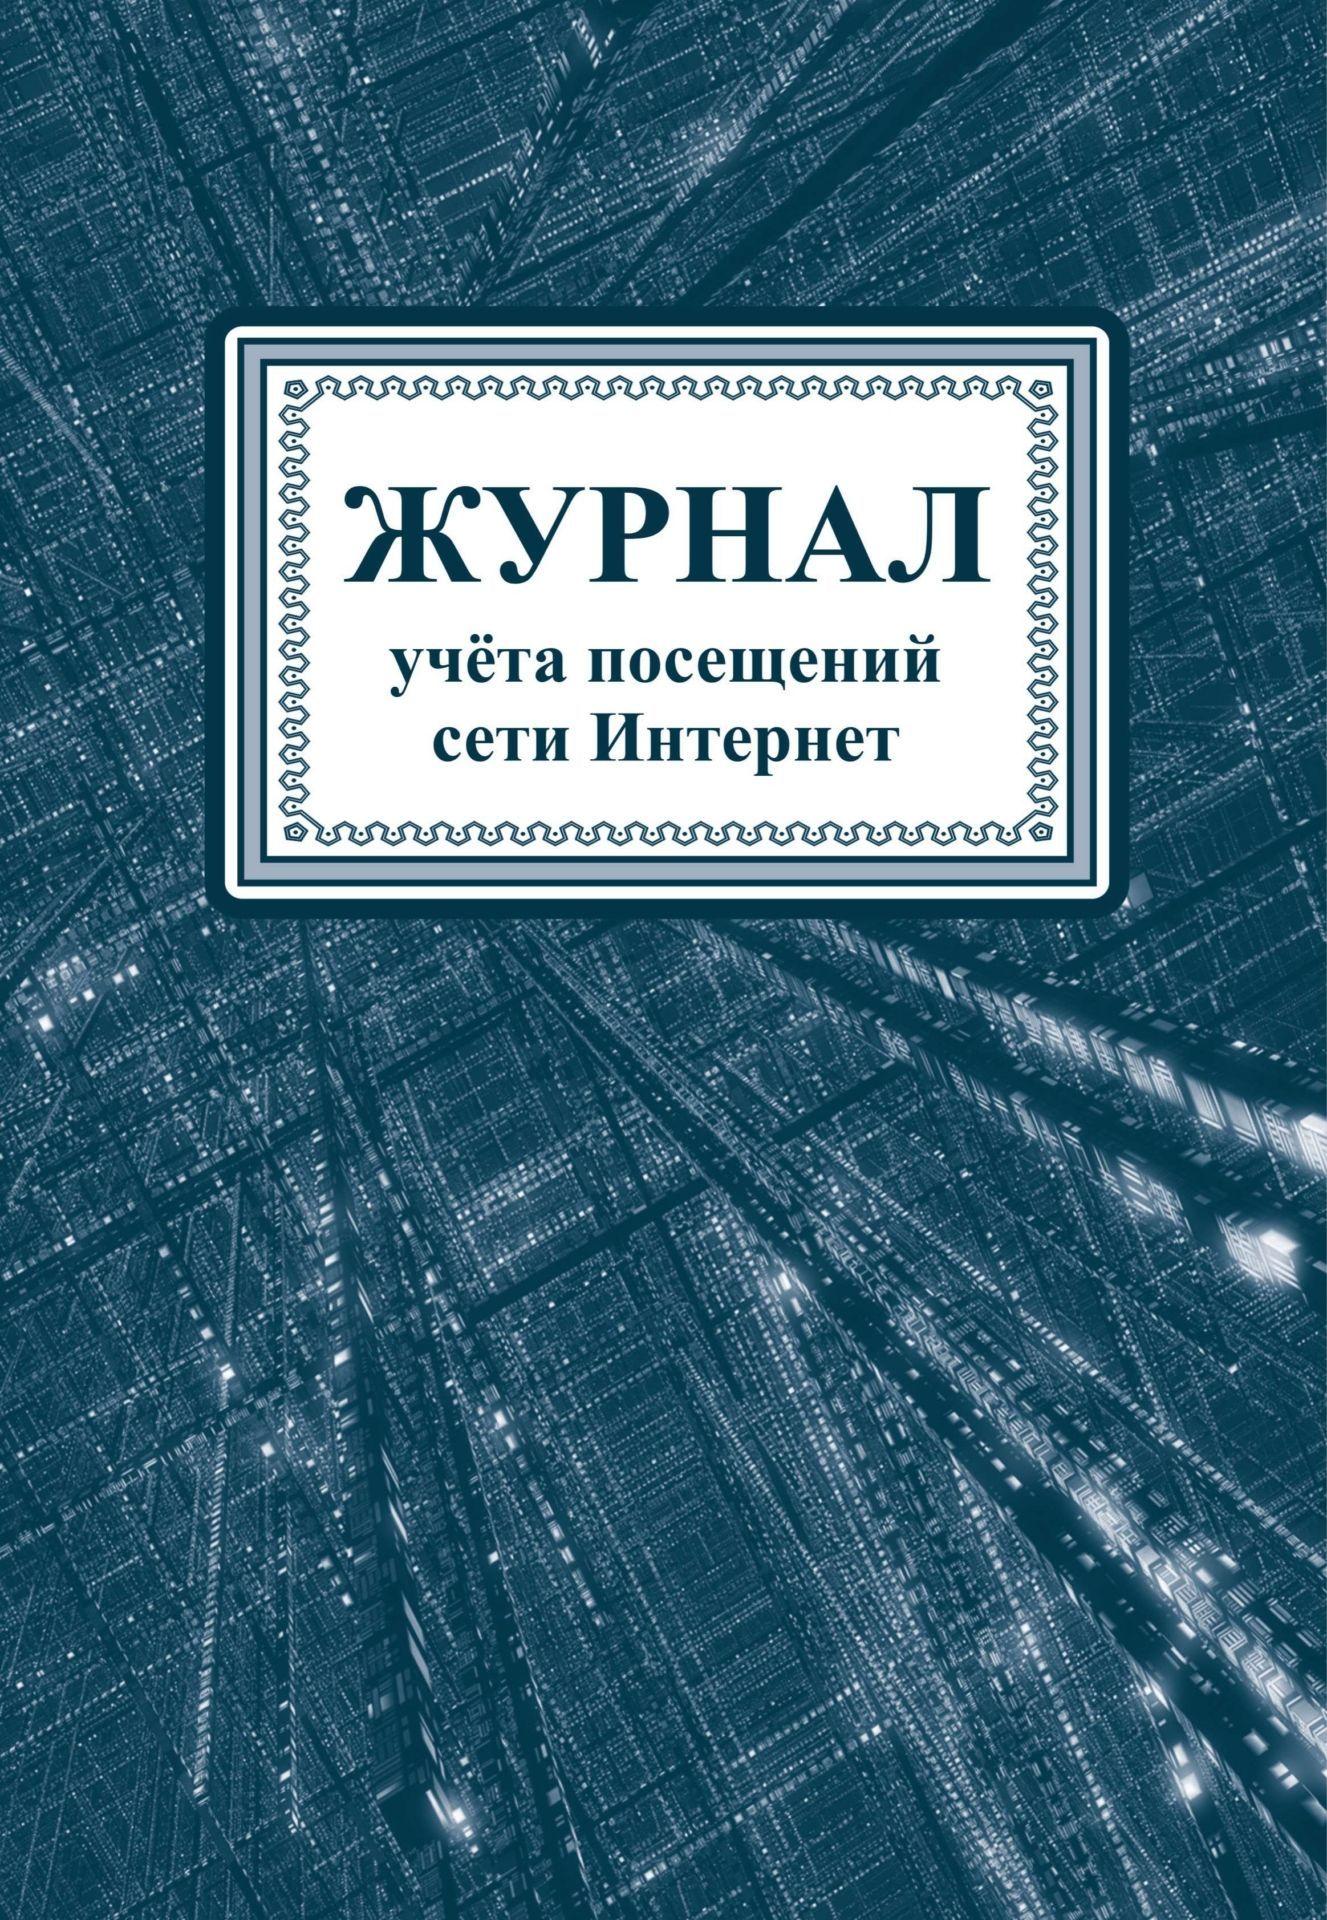 Журнал учета посещений сети Интернет